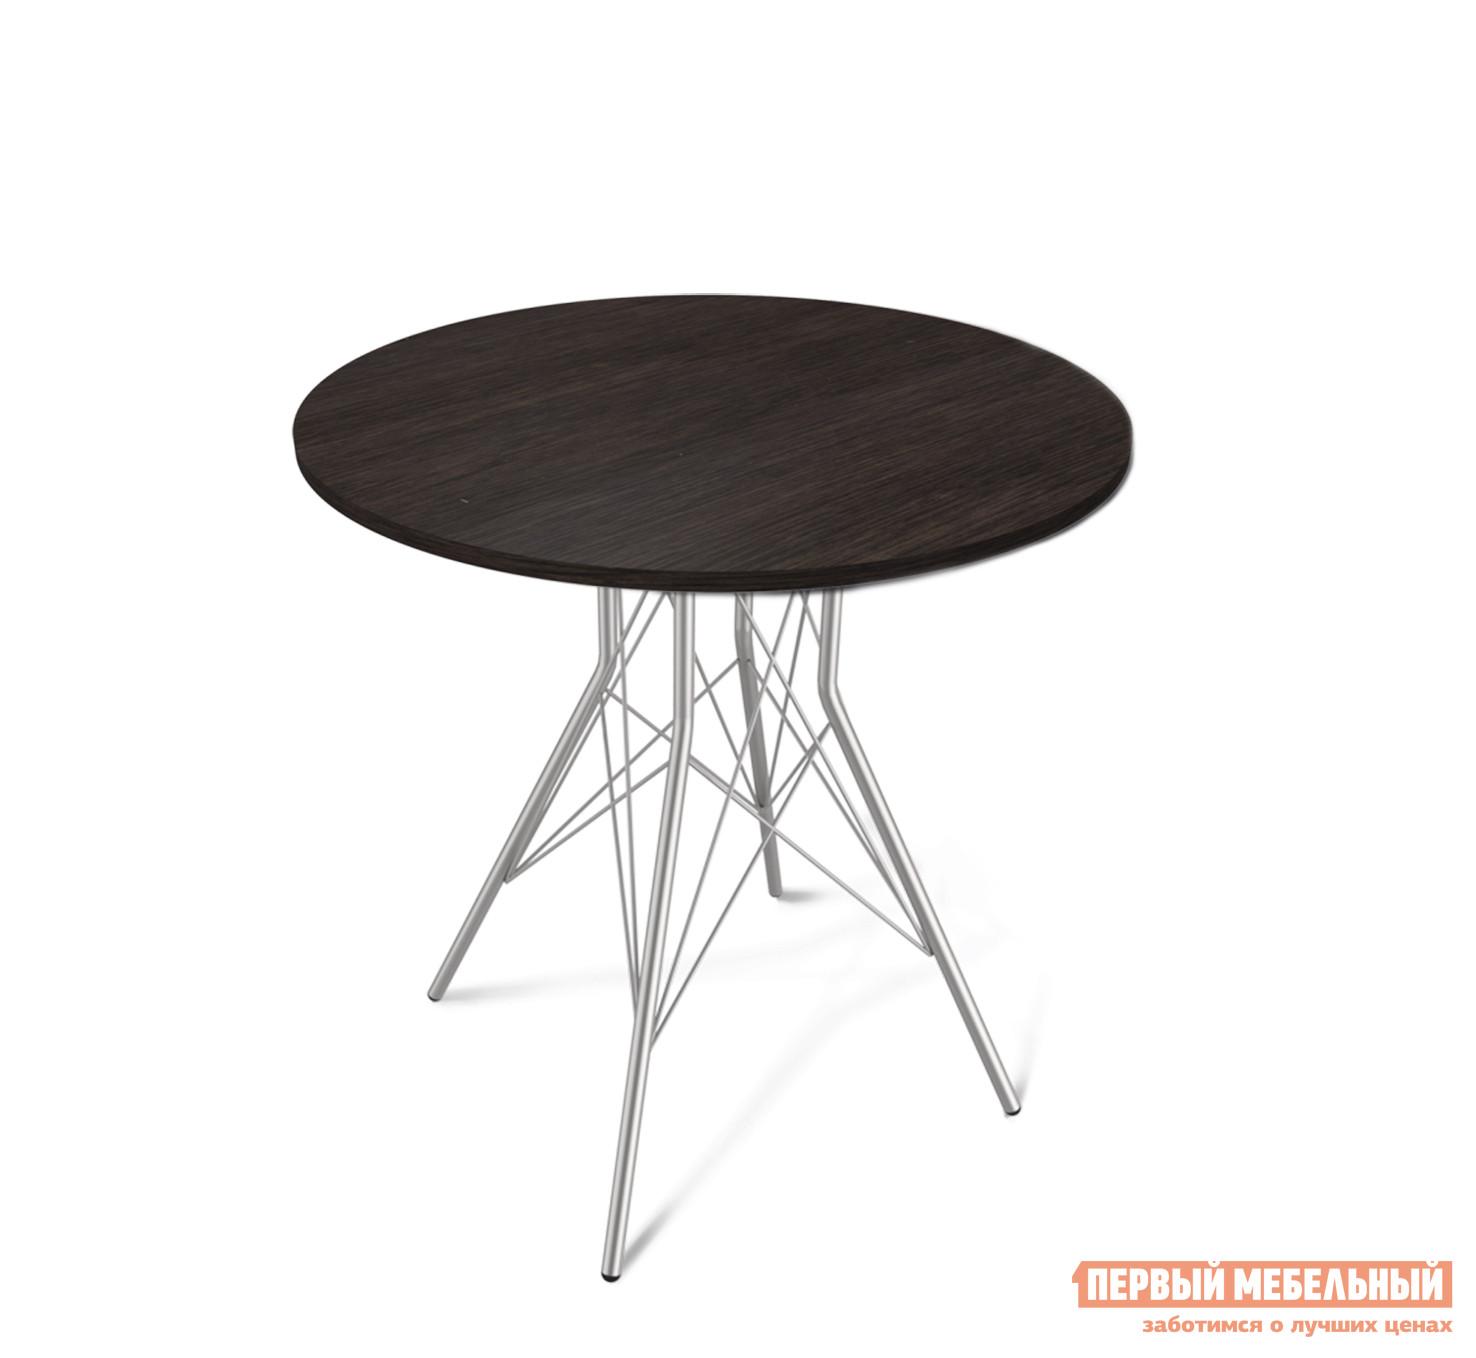 Кухонный стол  SHT-ТU2 + SHT-TT 80 ЛДСП Венге / Хром лак